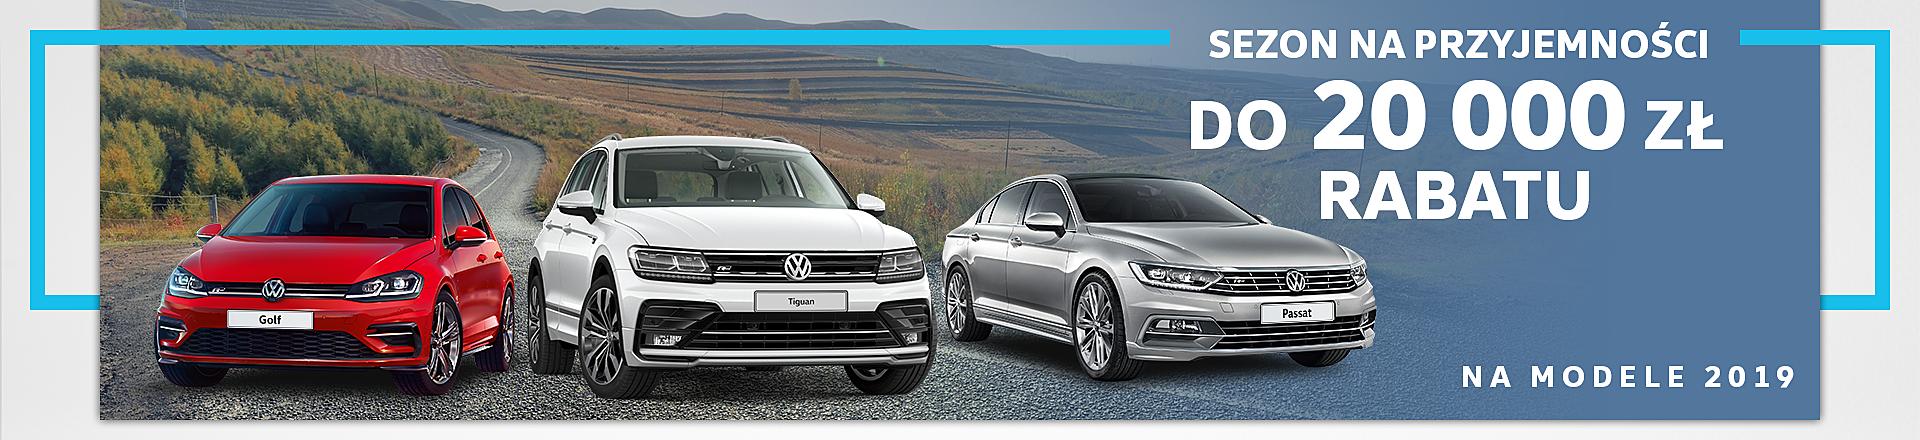 Do 20 tysięcy złotych rabatu na modele Volkswagena z rocznika 2019 7